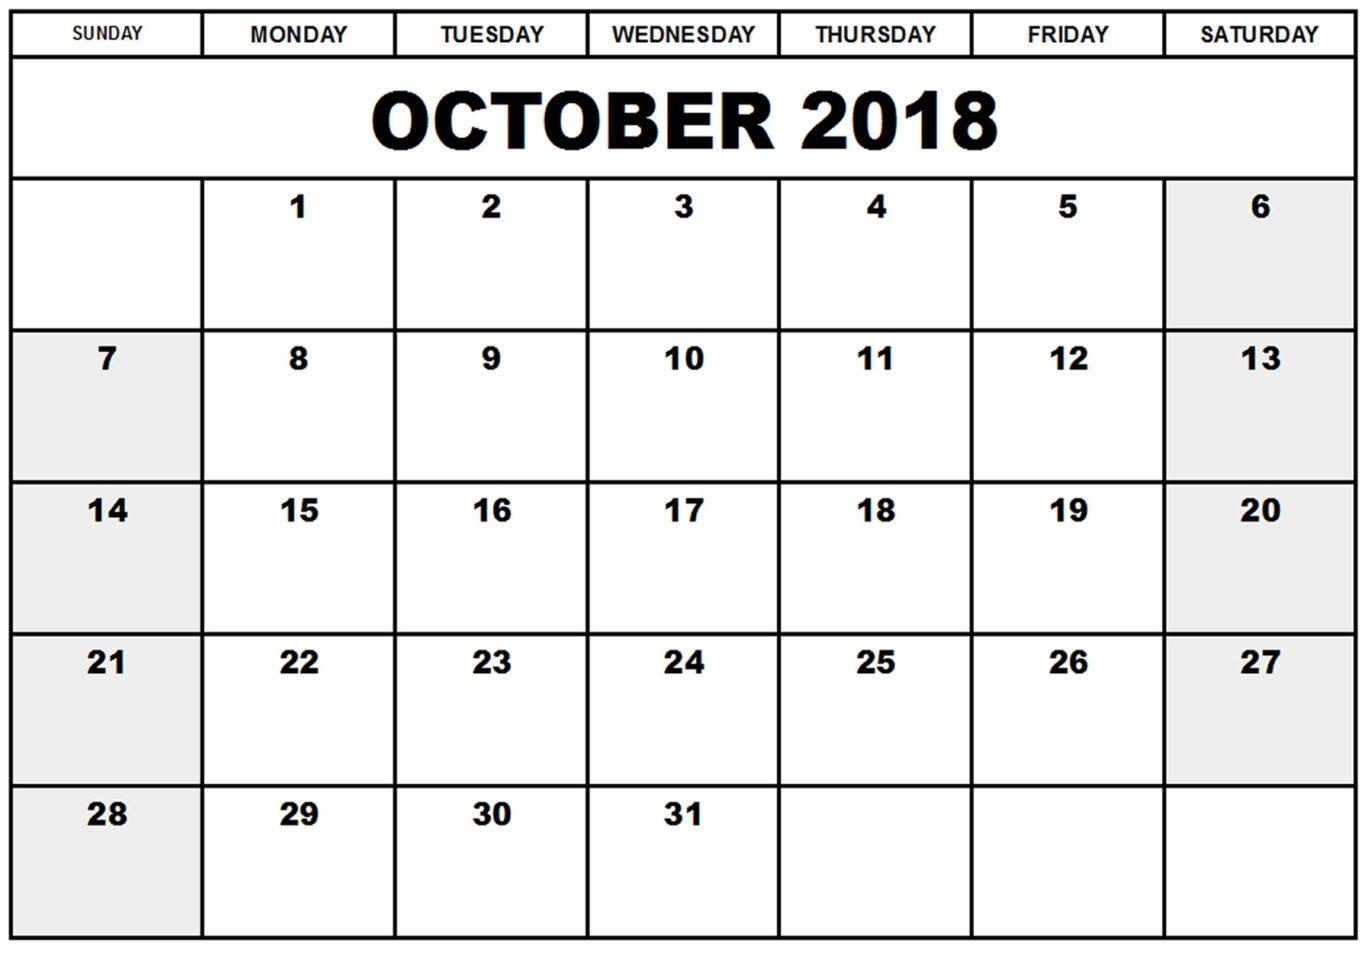 2018 Calendar Spreadsheet Throughout Free October 2018 Editable Printable Calendar Templates  Public